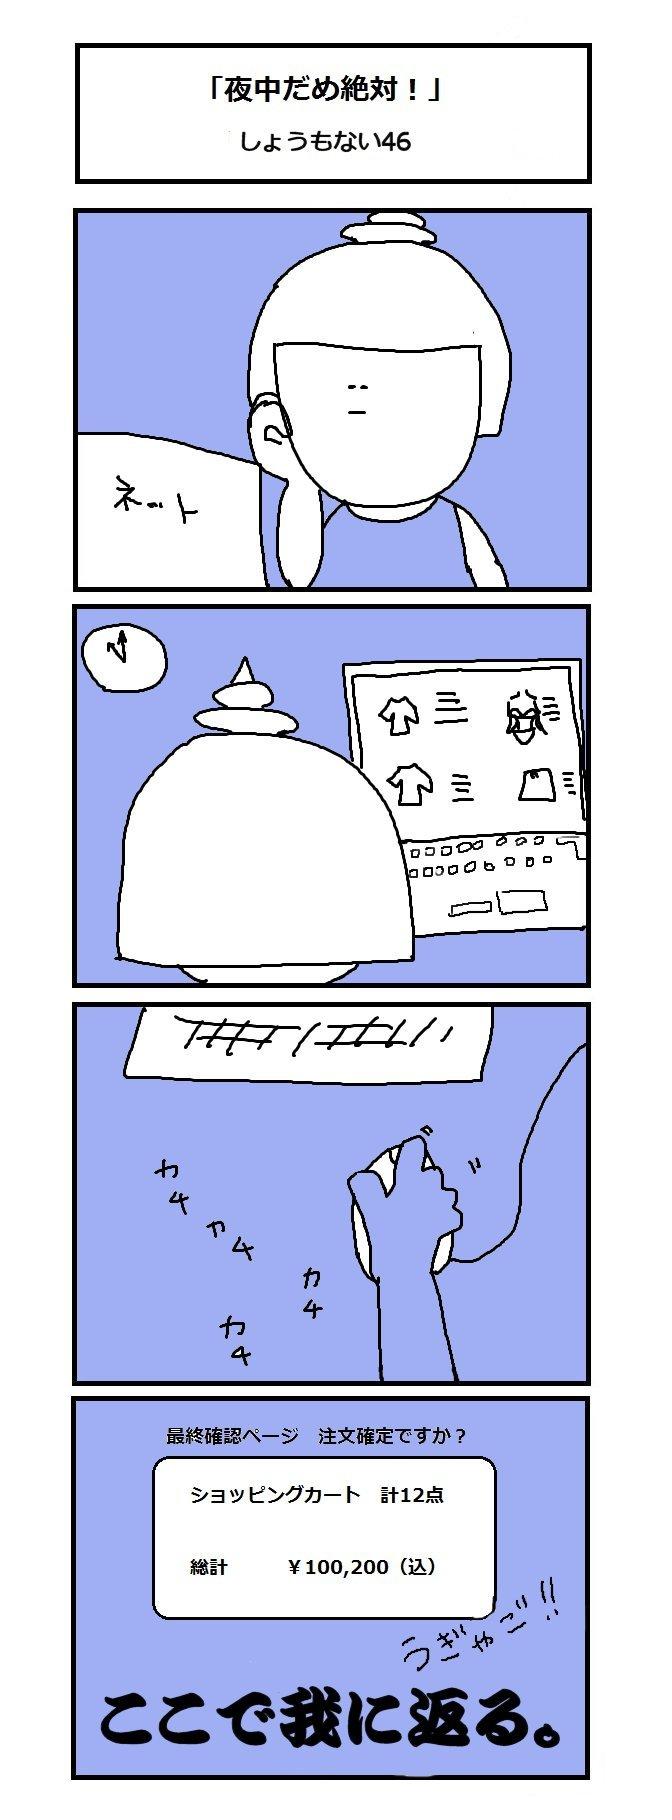 サミコライフ